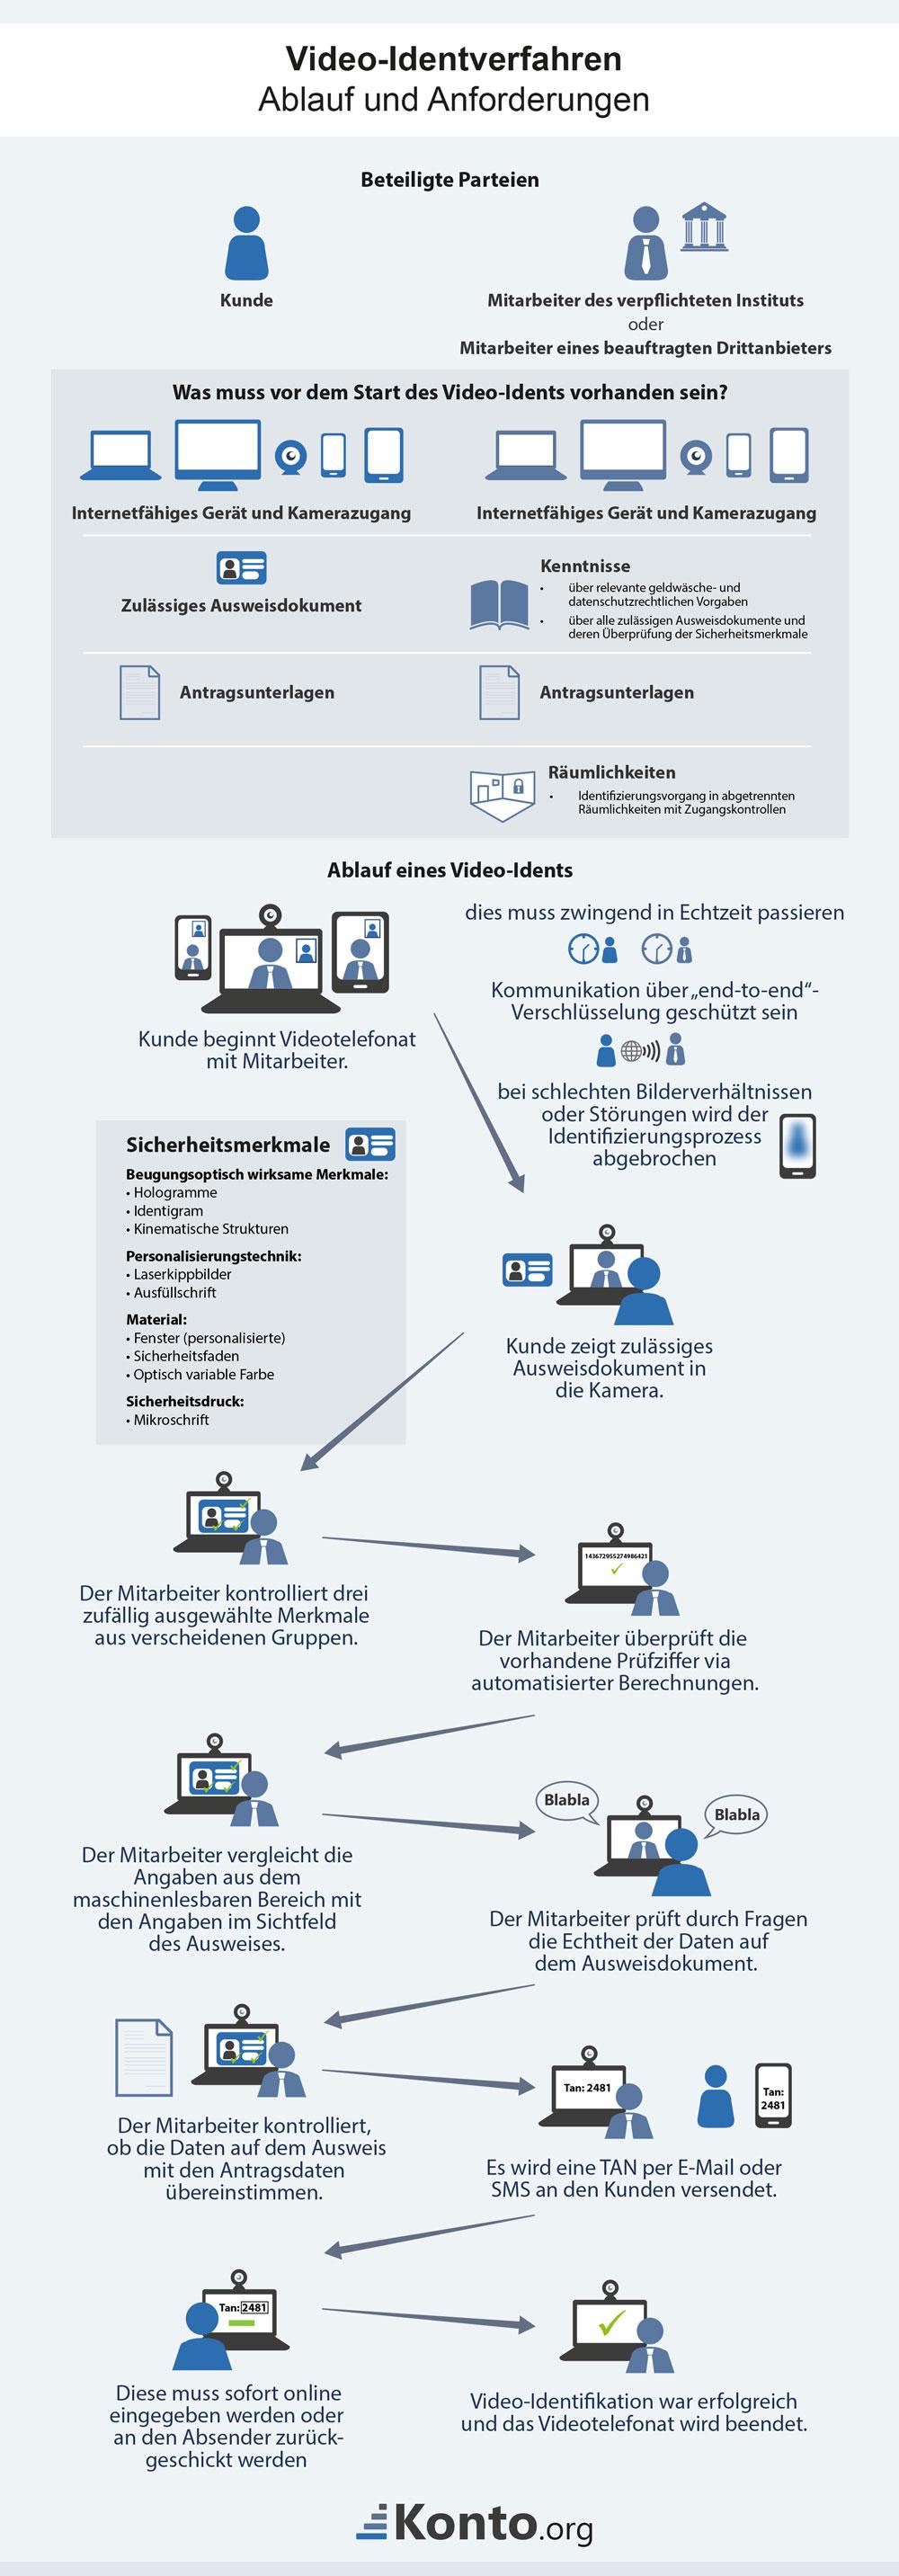 Ablauf des und Anforderungen an Videoident-Verfahren